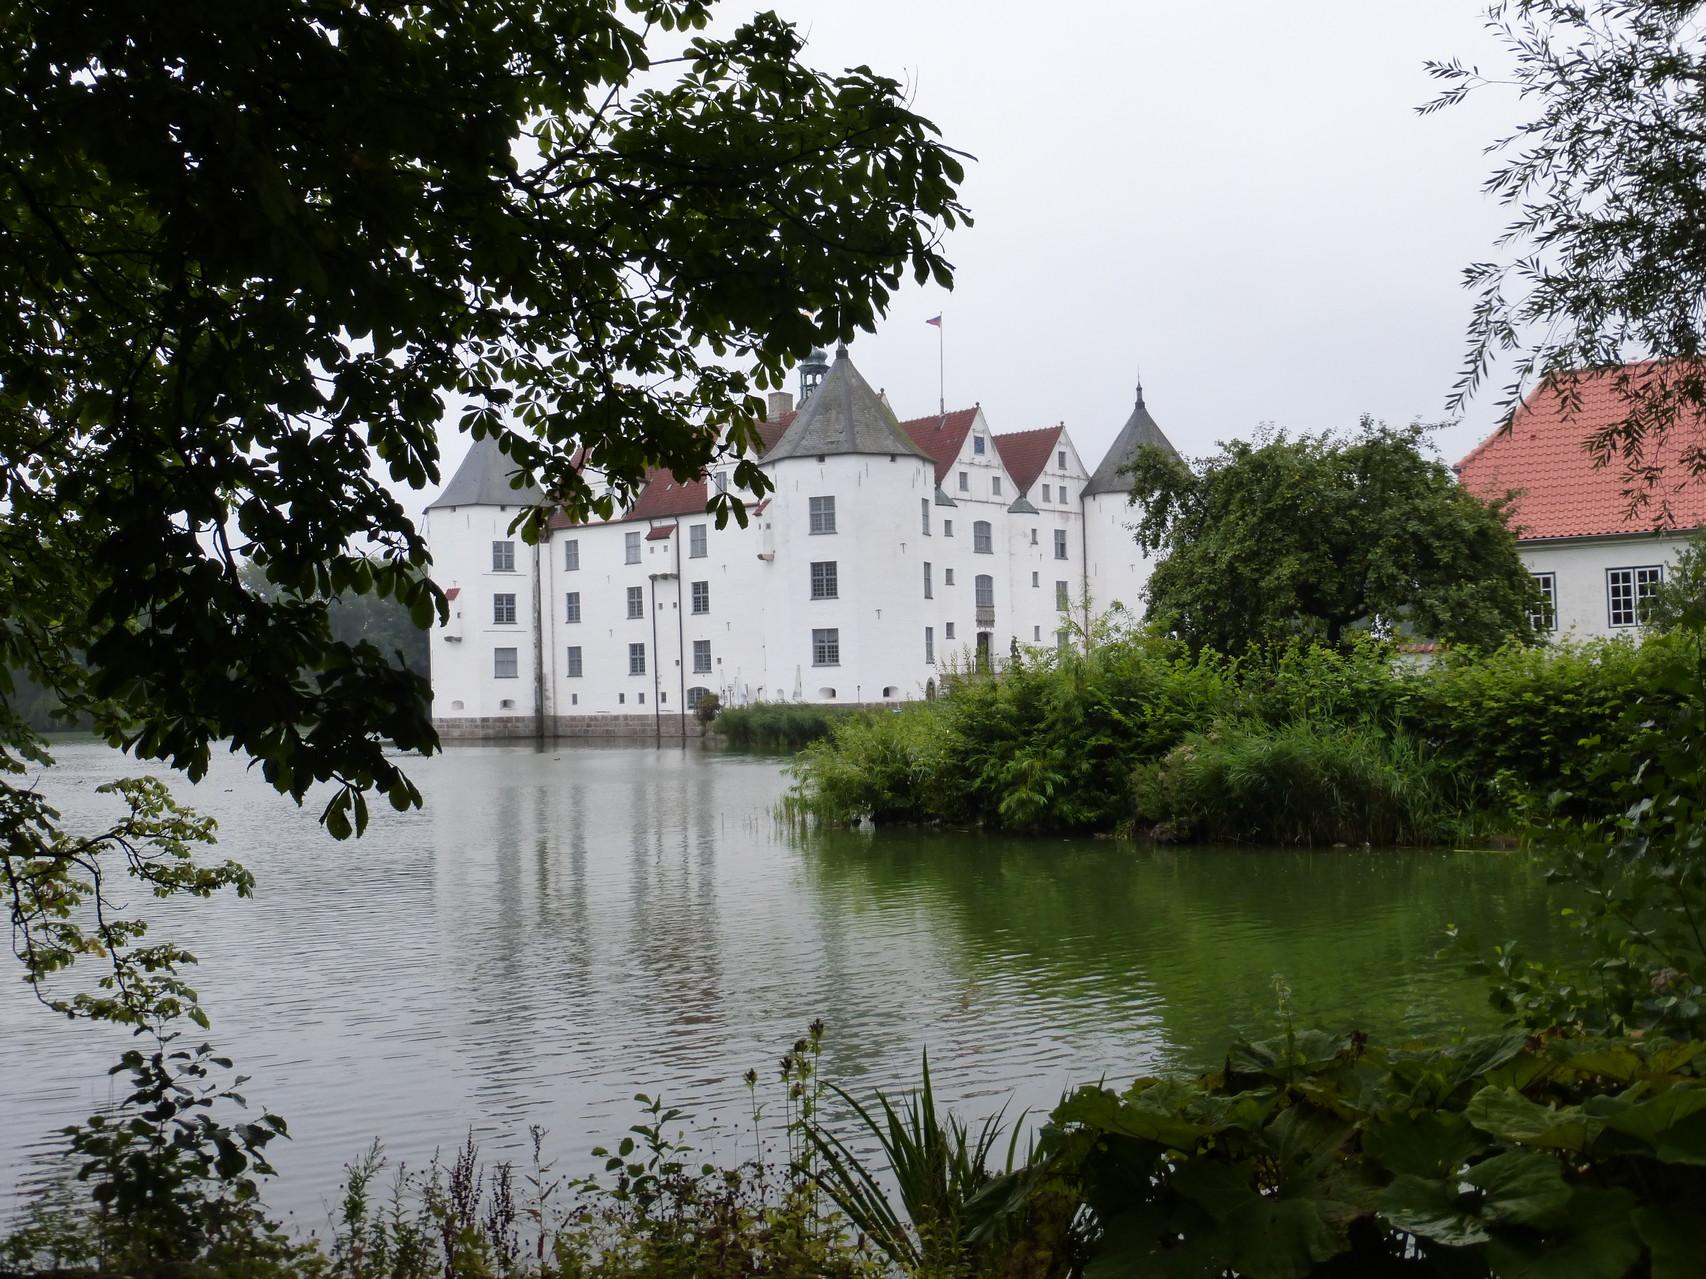 Wasserburger Schloß